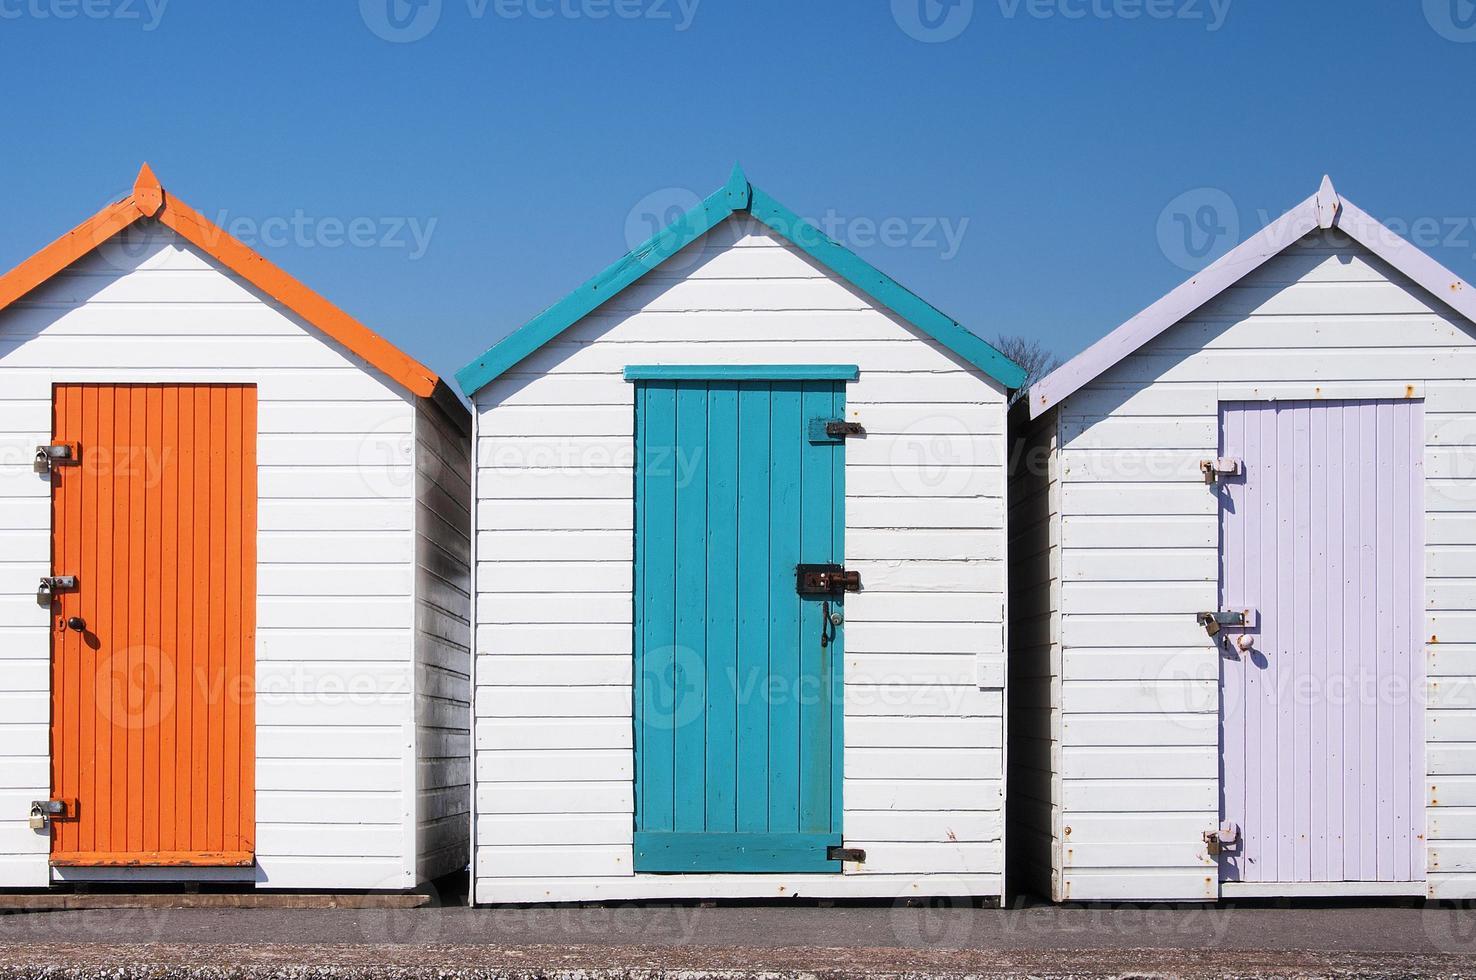 Colorful Beach Huts at Paignton, Devon, UK. photo